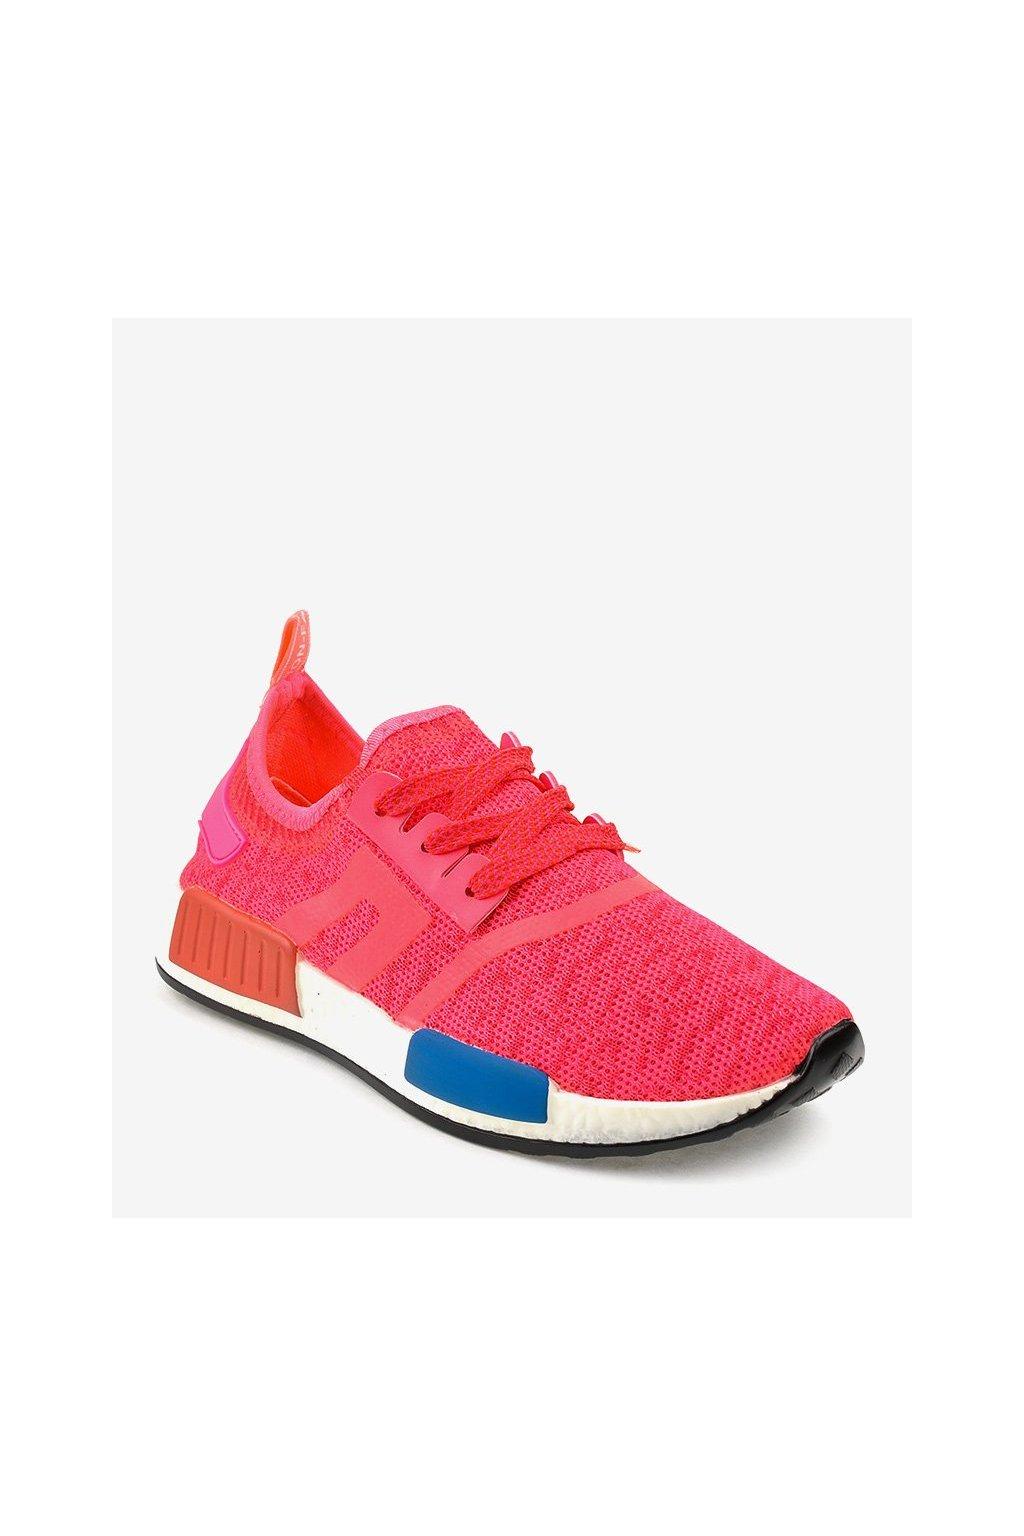 Dámske topánky tenisky ružové kód MD01B-4 PINK - GM